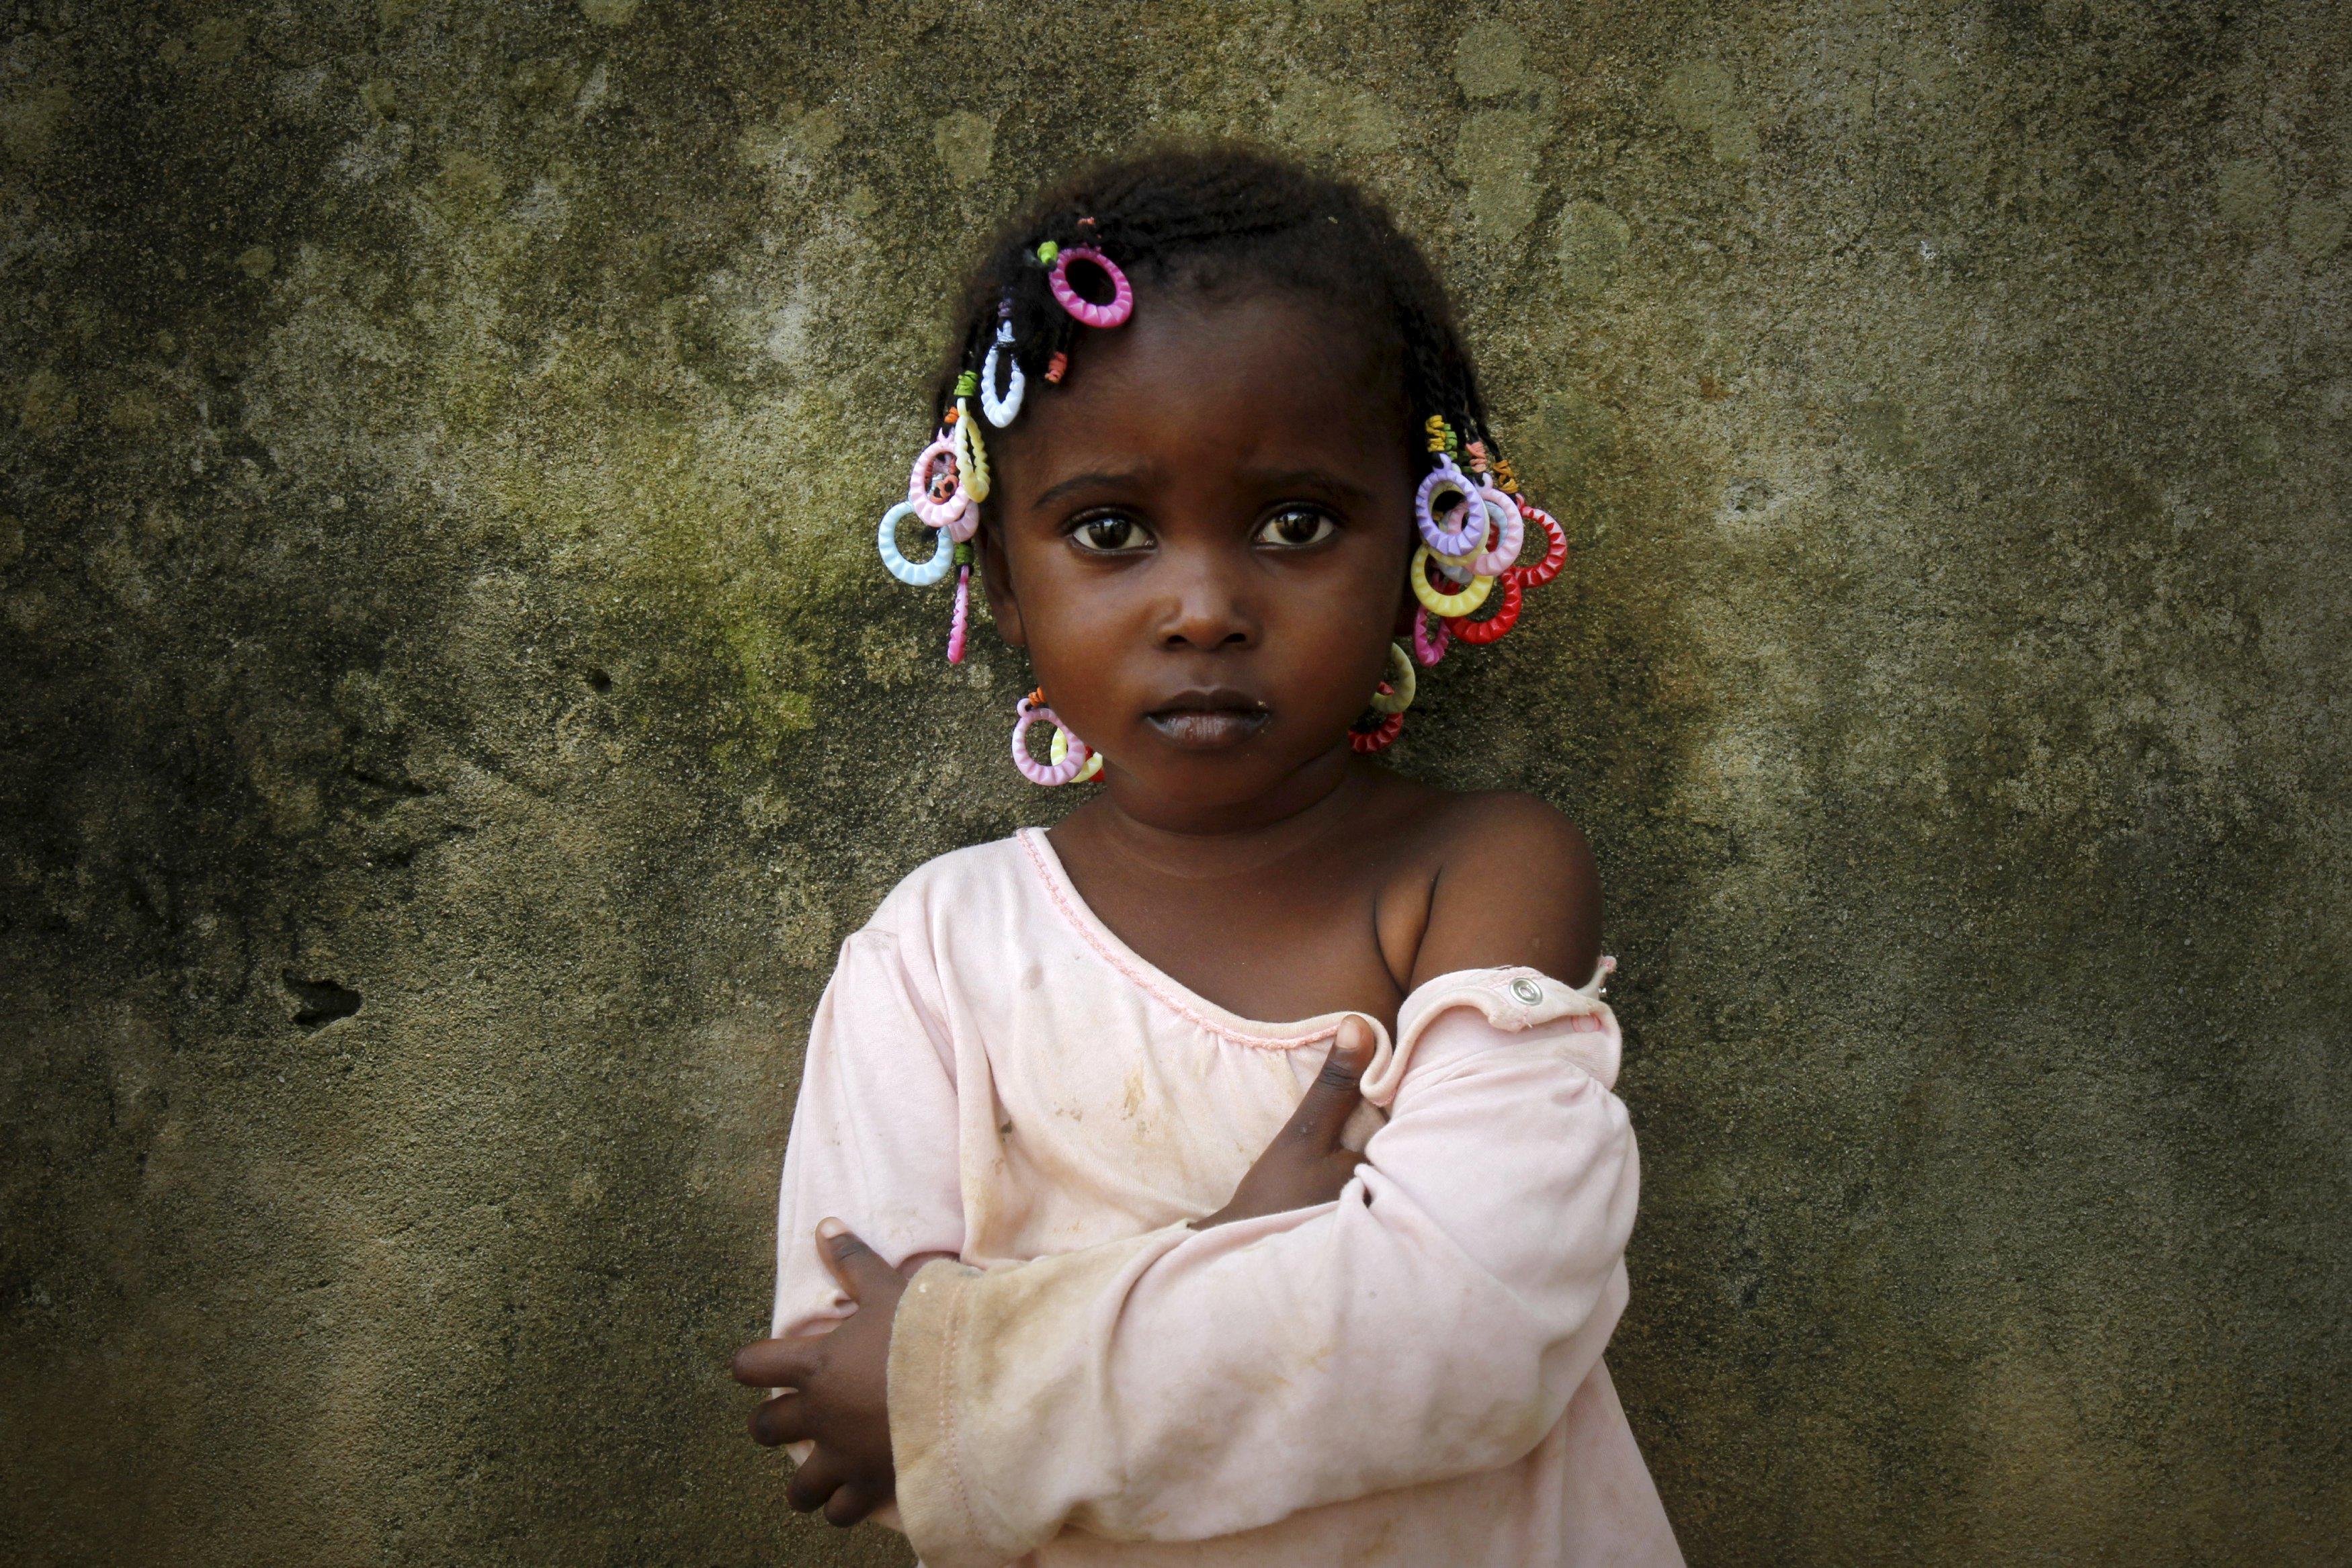 Abiba, 3, berpose untuk difoto sehari menjelang Hari Internasional Anak Afrika di Abidjan, Pantai Gading, Senin (15/6). ANTARA FOTO/REUTERS/Luc Gnago.